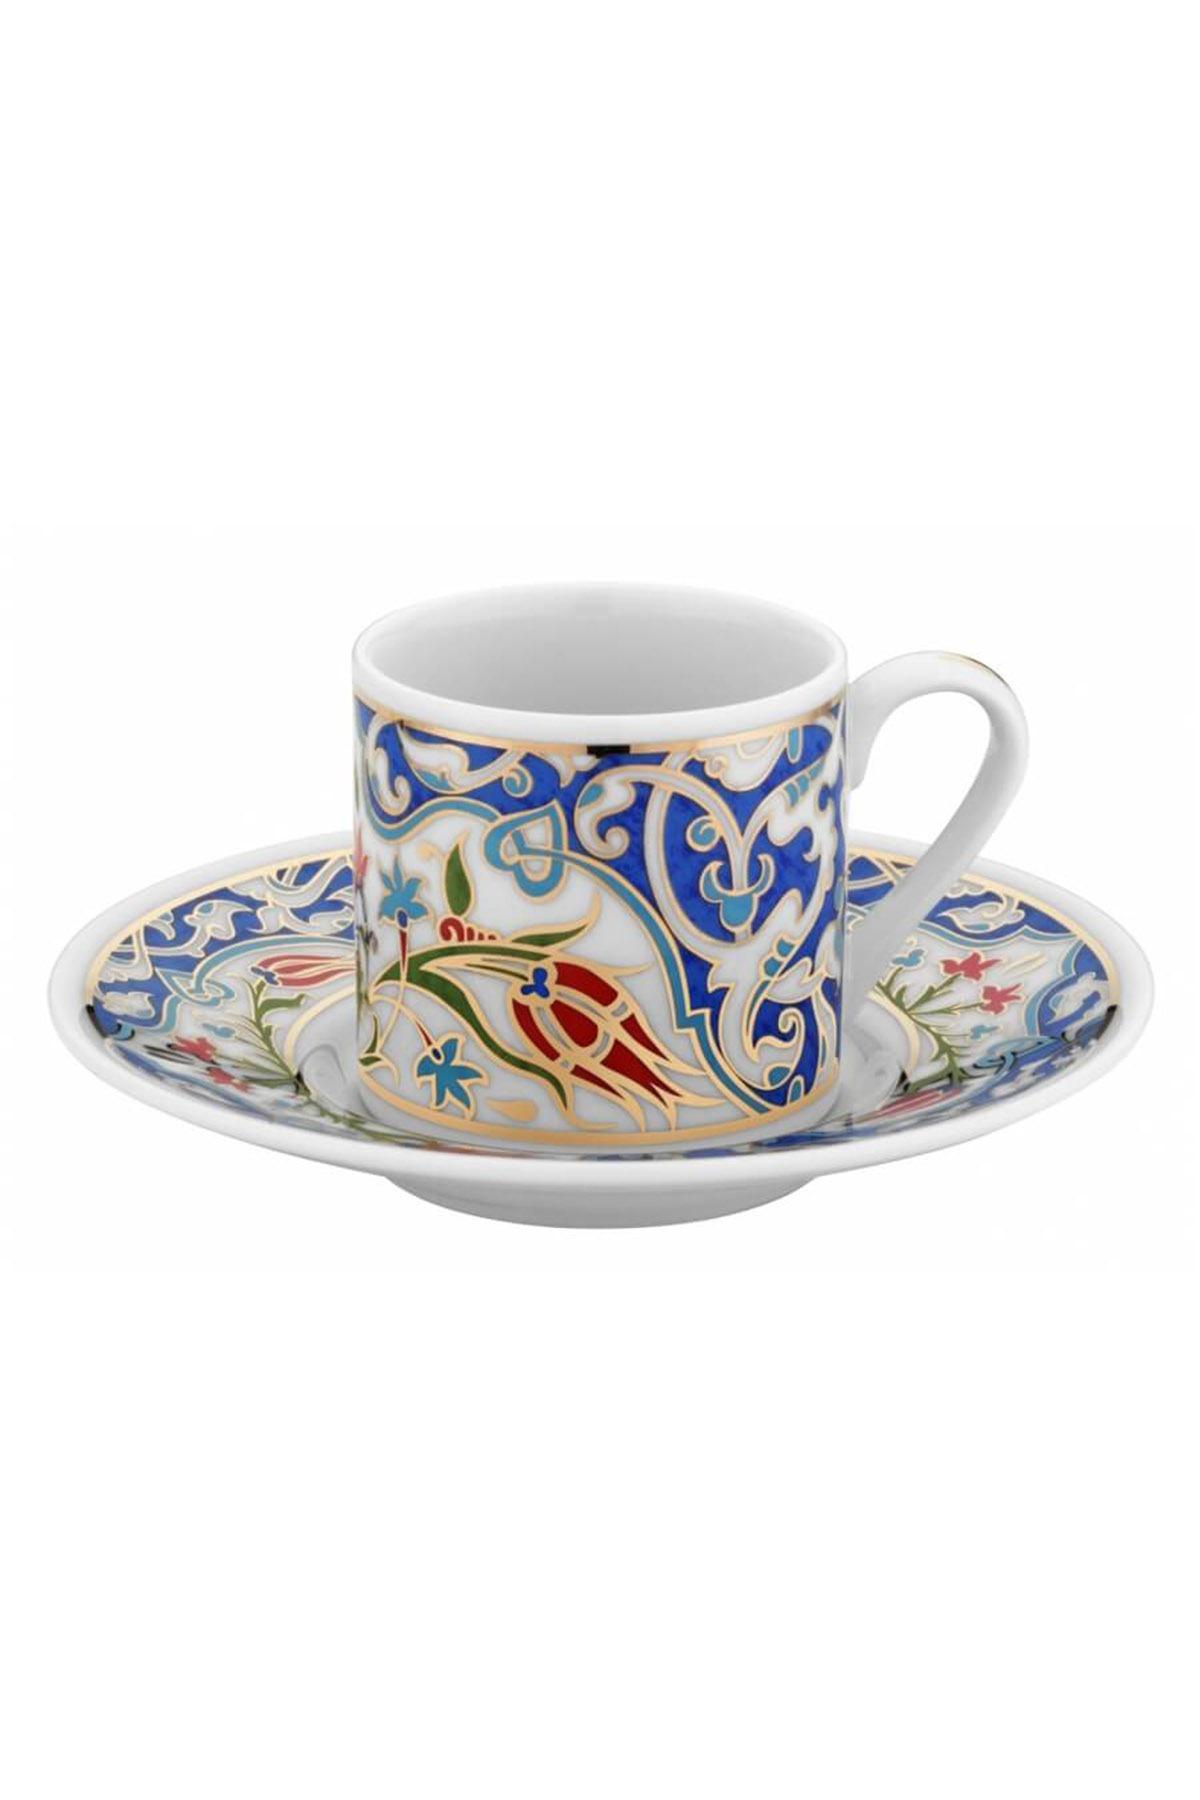 KÜTAHYA PORSELEN - Rüya İki Kişilik Kahve Takımı Dekor No:3862